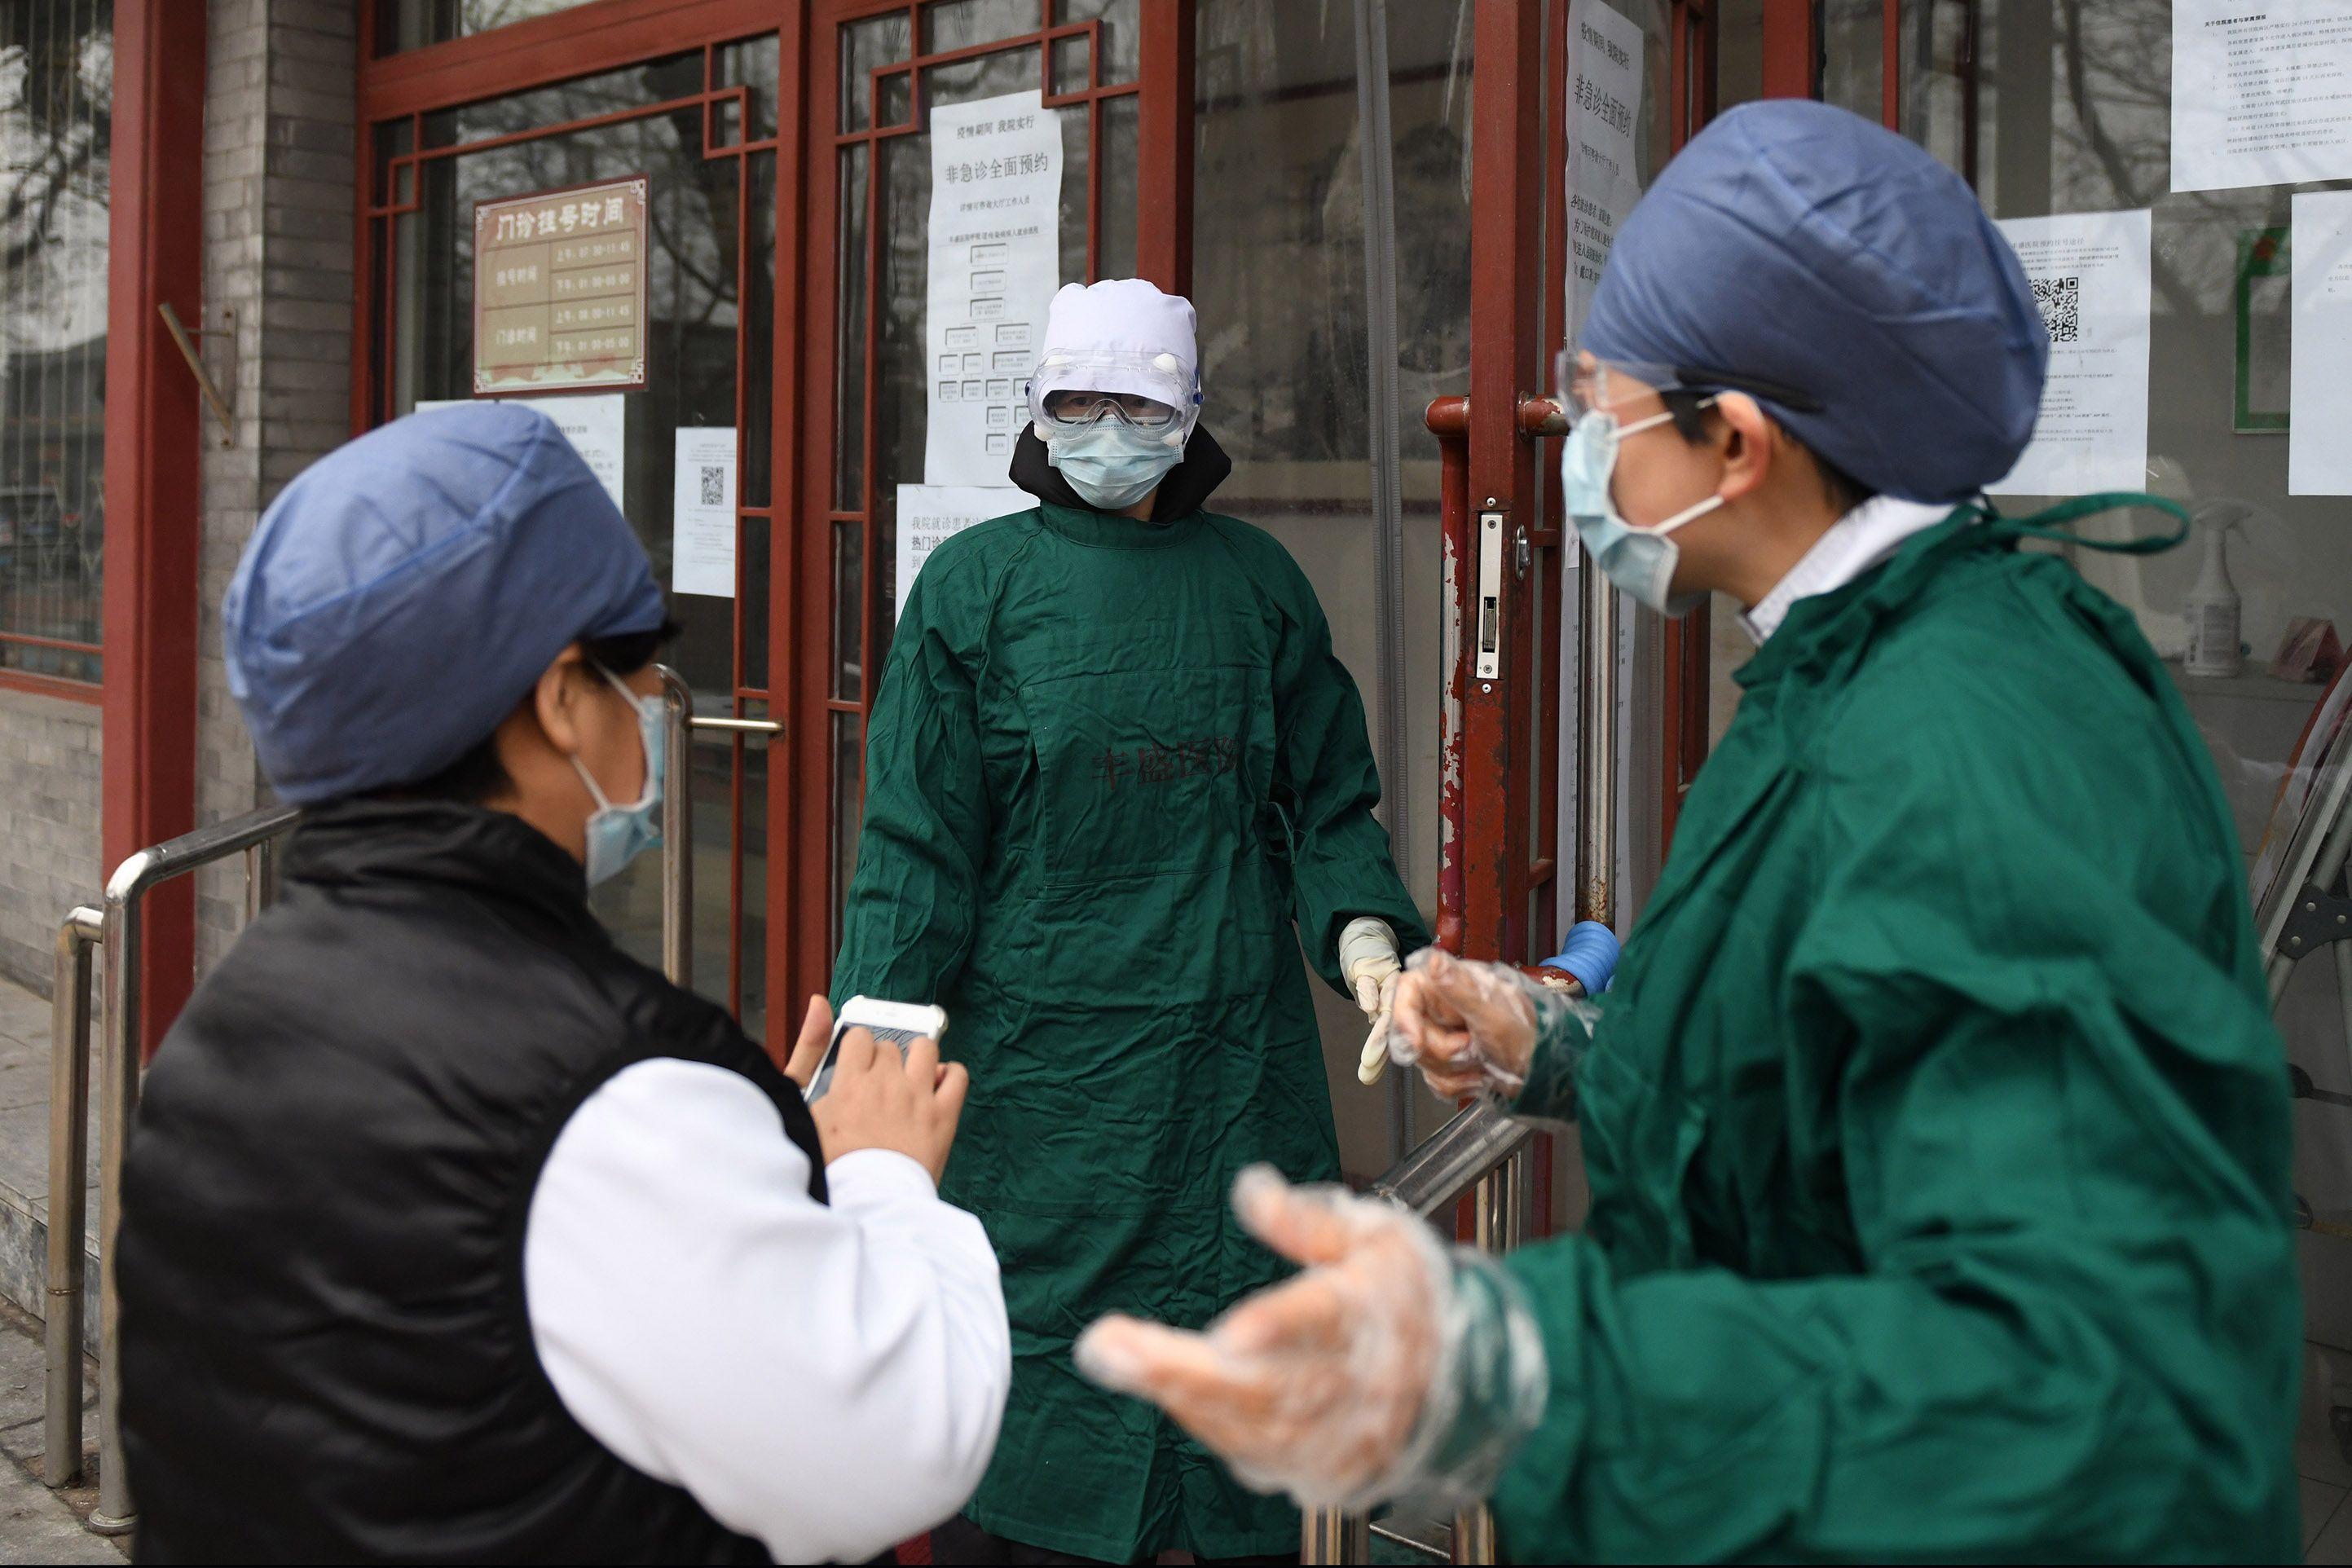 #Coronavirus : des cas en Toscane et en Sicile, le ministre de la Santé iranien testé positif